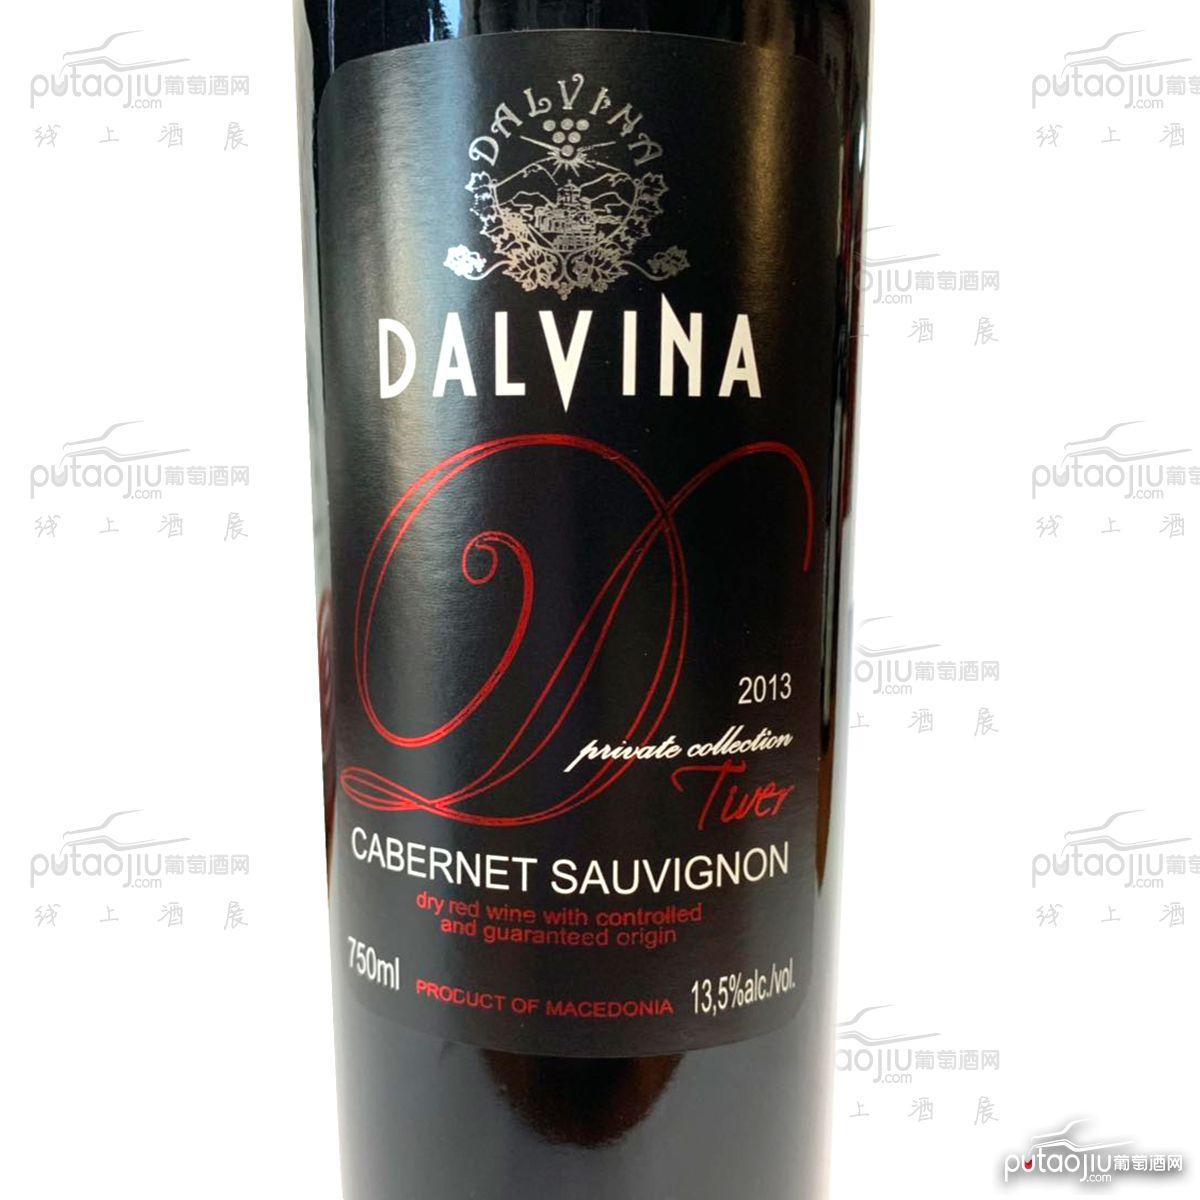 马其顿保瓦达力戴维娜酒庄赤霞珠VKGP干红葡萄酒